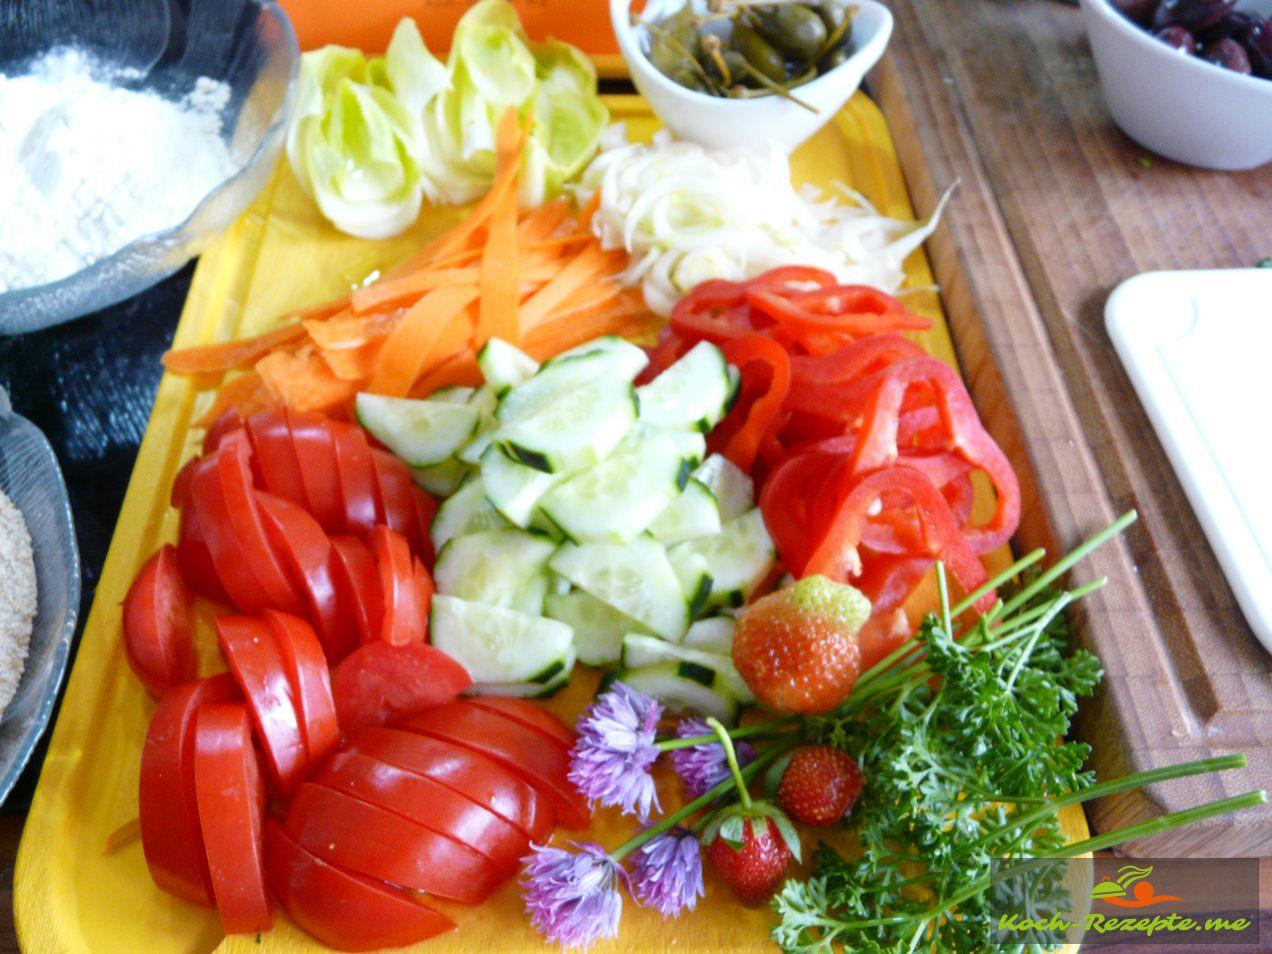 alles an Salat und Gemüse was in den Salat muss